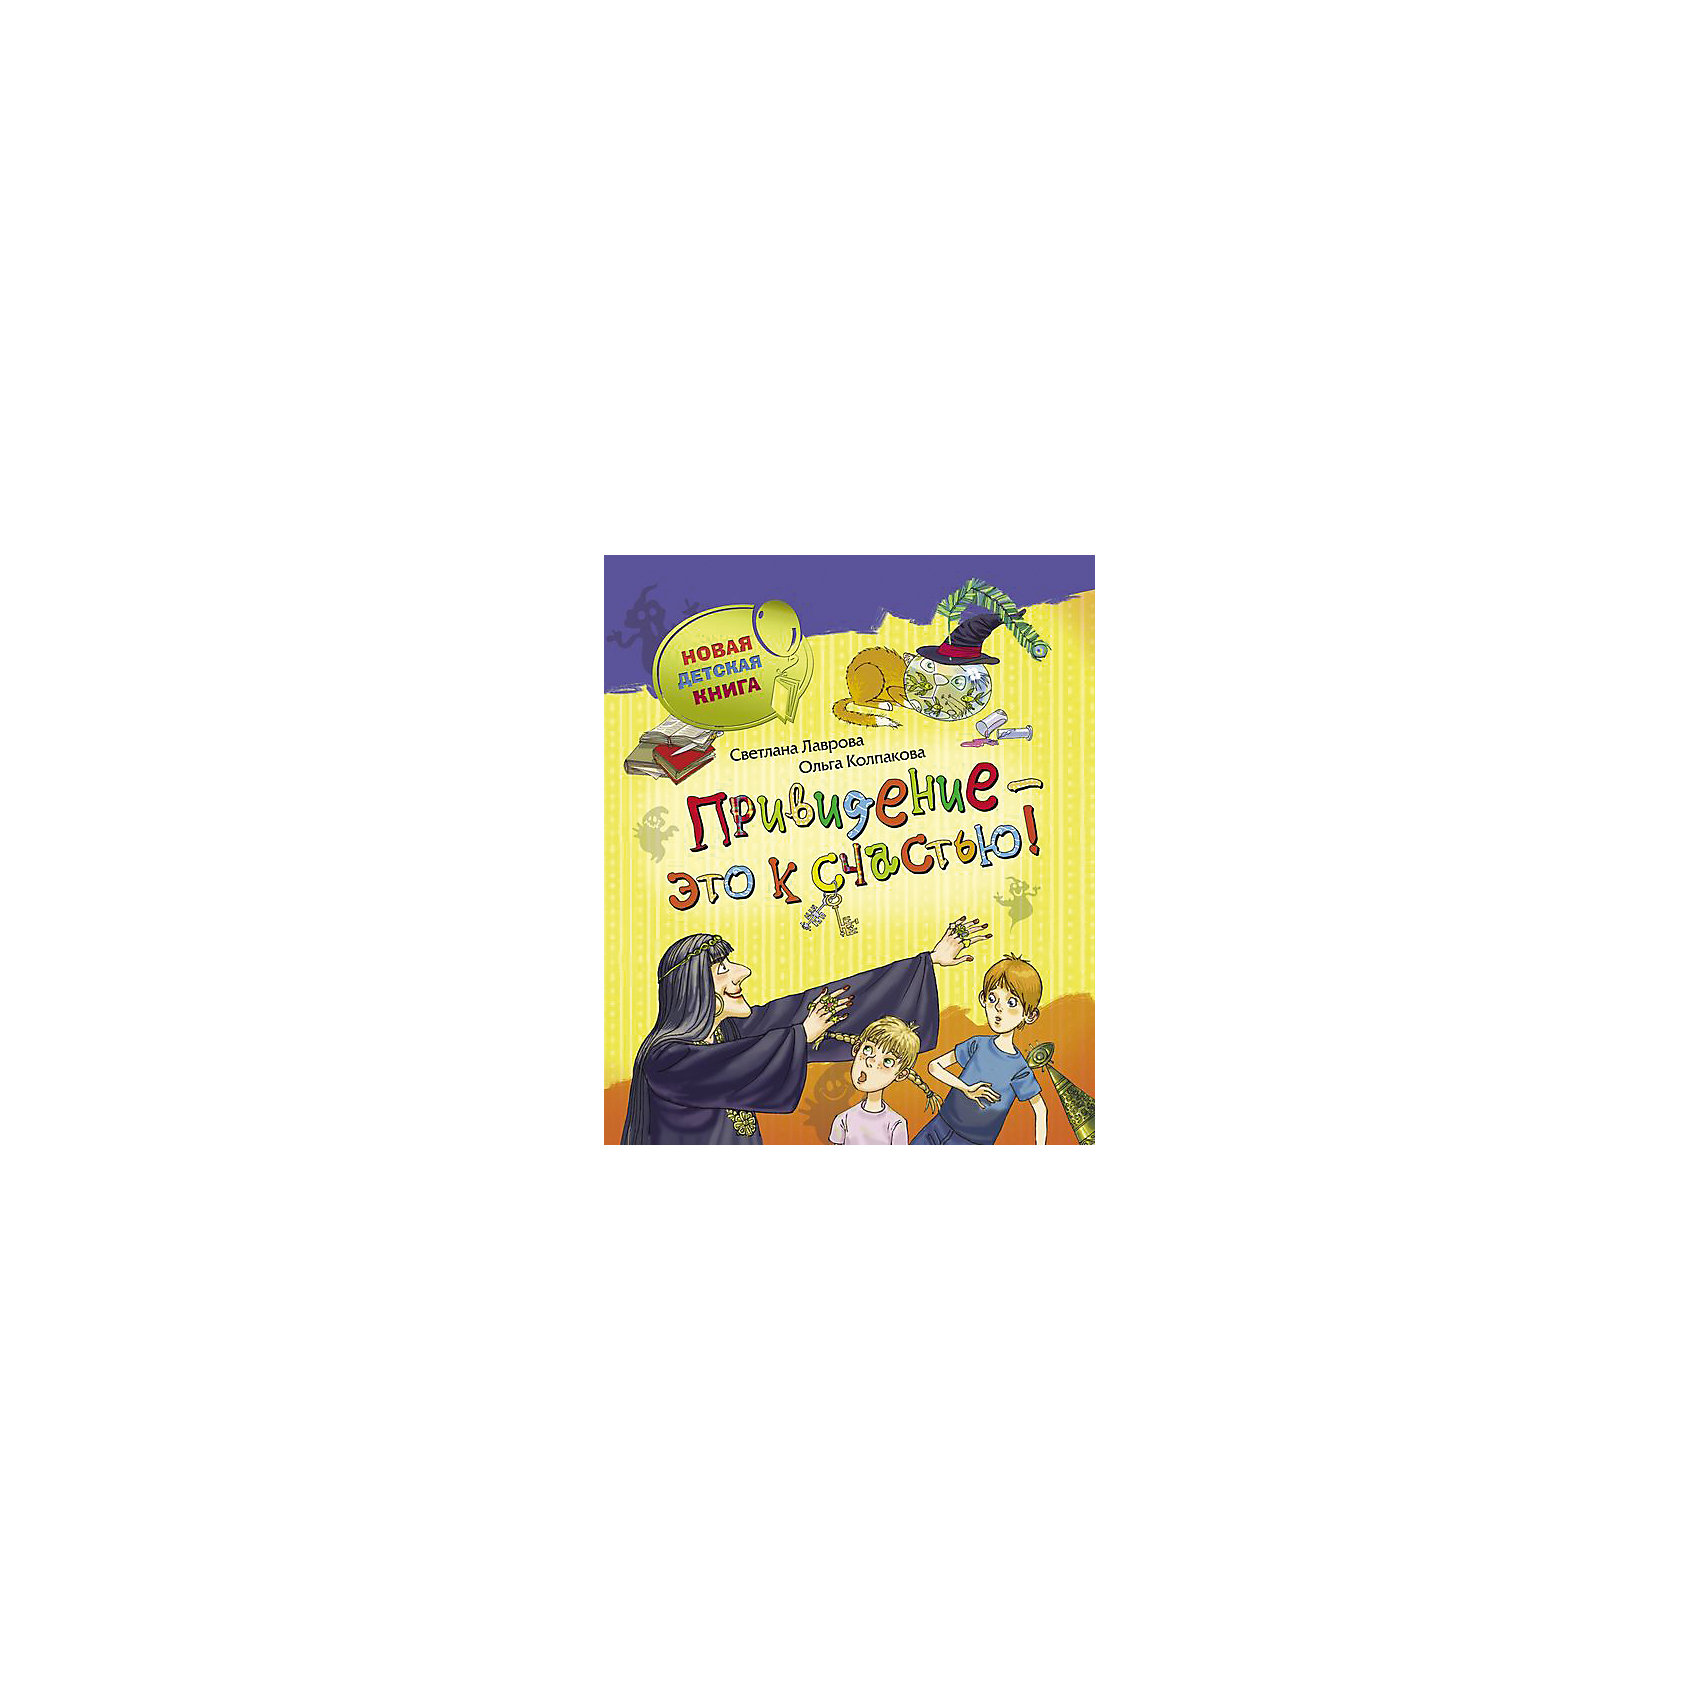 Привидение – это к счастью! С. Лаврова, О. КолпаковаРассказы и повести<br>Характеристики товара:<br><br>- цвет: разноцветный;<br>- материал: бумага;<br>- страниц: 128;<br>- формат: 24 х 20 см;<br>- обложка: твердая;<br>- иллюстрации.<br><br>Эта интересная книга с иллюстрациями станет отличным подарком для ребенка. Она содержит в себе сказку, которая полюбилась уже многим! Талантливый иллюстратор дополнил книгу качественными рисунками, которые помогают ребенку проникнуться духом сказки.<br>Чтение - отличный способ активизации мышления, оно помогает ребенку развивать зрительную память, концентрацию внимания и воображение. Издание произведено из качественных материалов, которые безопасны даже для самых маленьких.<br><br>Книгу Лаврова, Колпакова Привидение – это к счастью! от компании Росмэн можно купить в нашем интернет-магазине.<br><br>Ширина мм: 240<br>Глубина мм: 205<br>Высота мм: 12<br>Вес г: 432<br>Возраст от месяцев: 60<br>Возраст до месяцев: 84<br>Пол: Унисекс<br>Возраст: Детский<br>SKU: 5109923